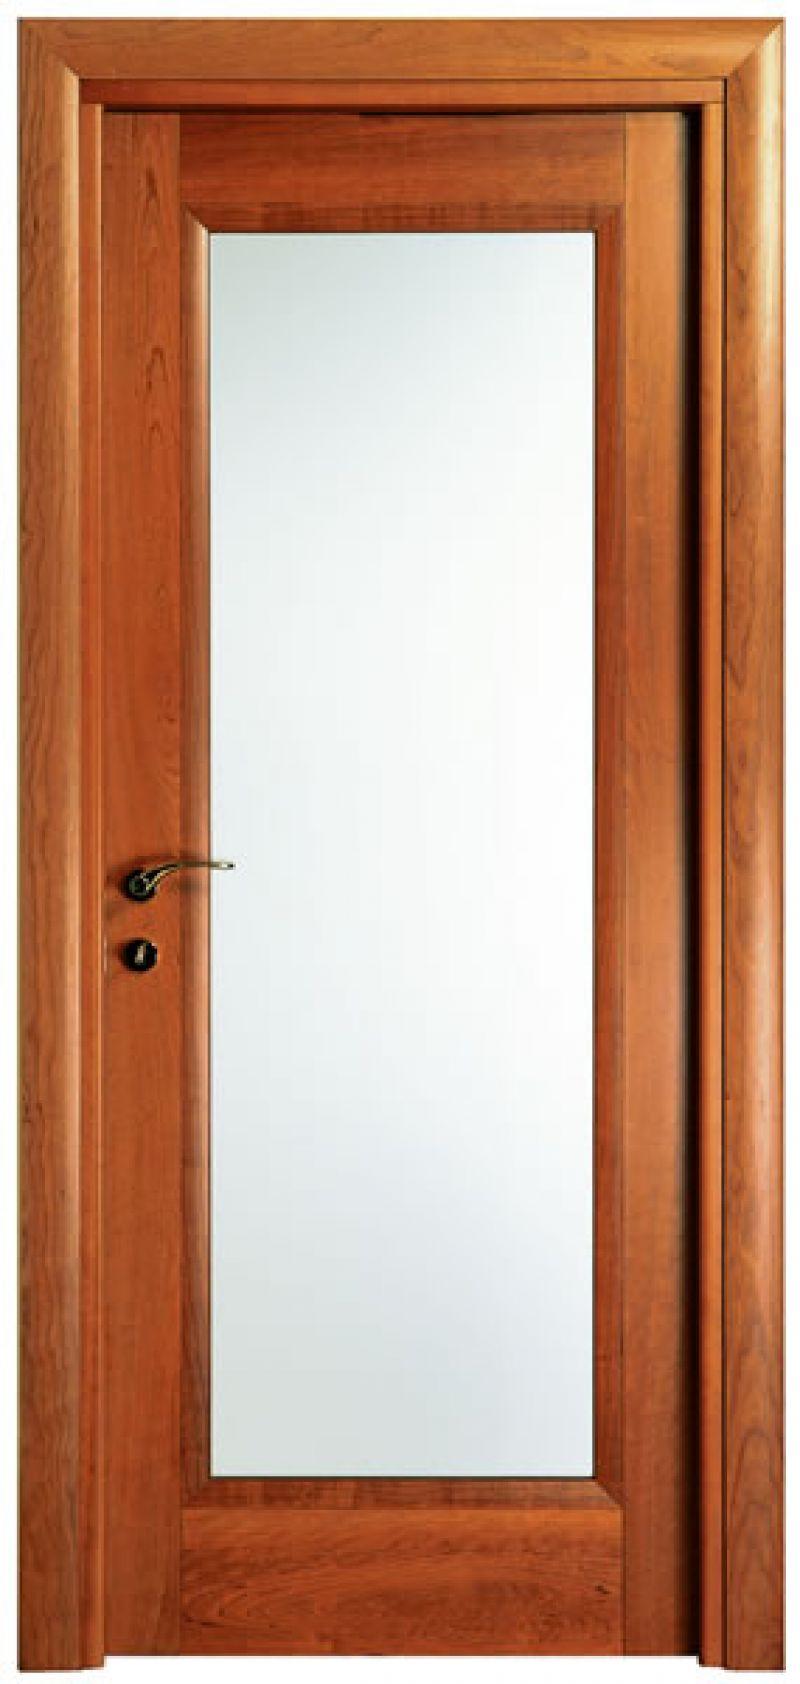 Porte Compact online Vendita Porte compact in legno online